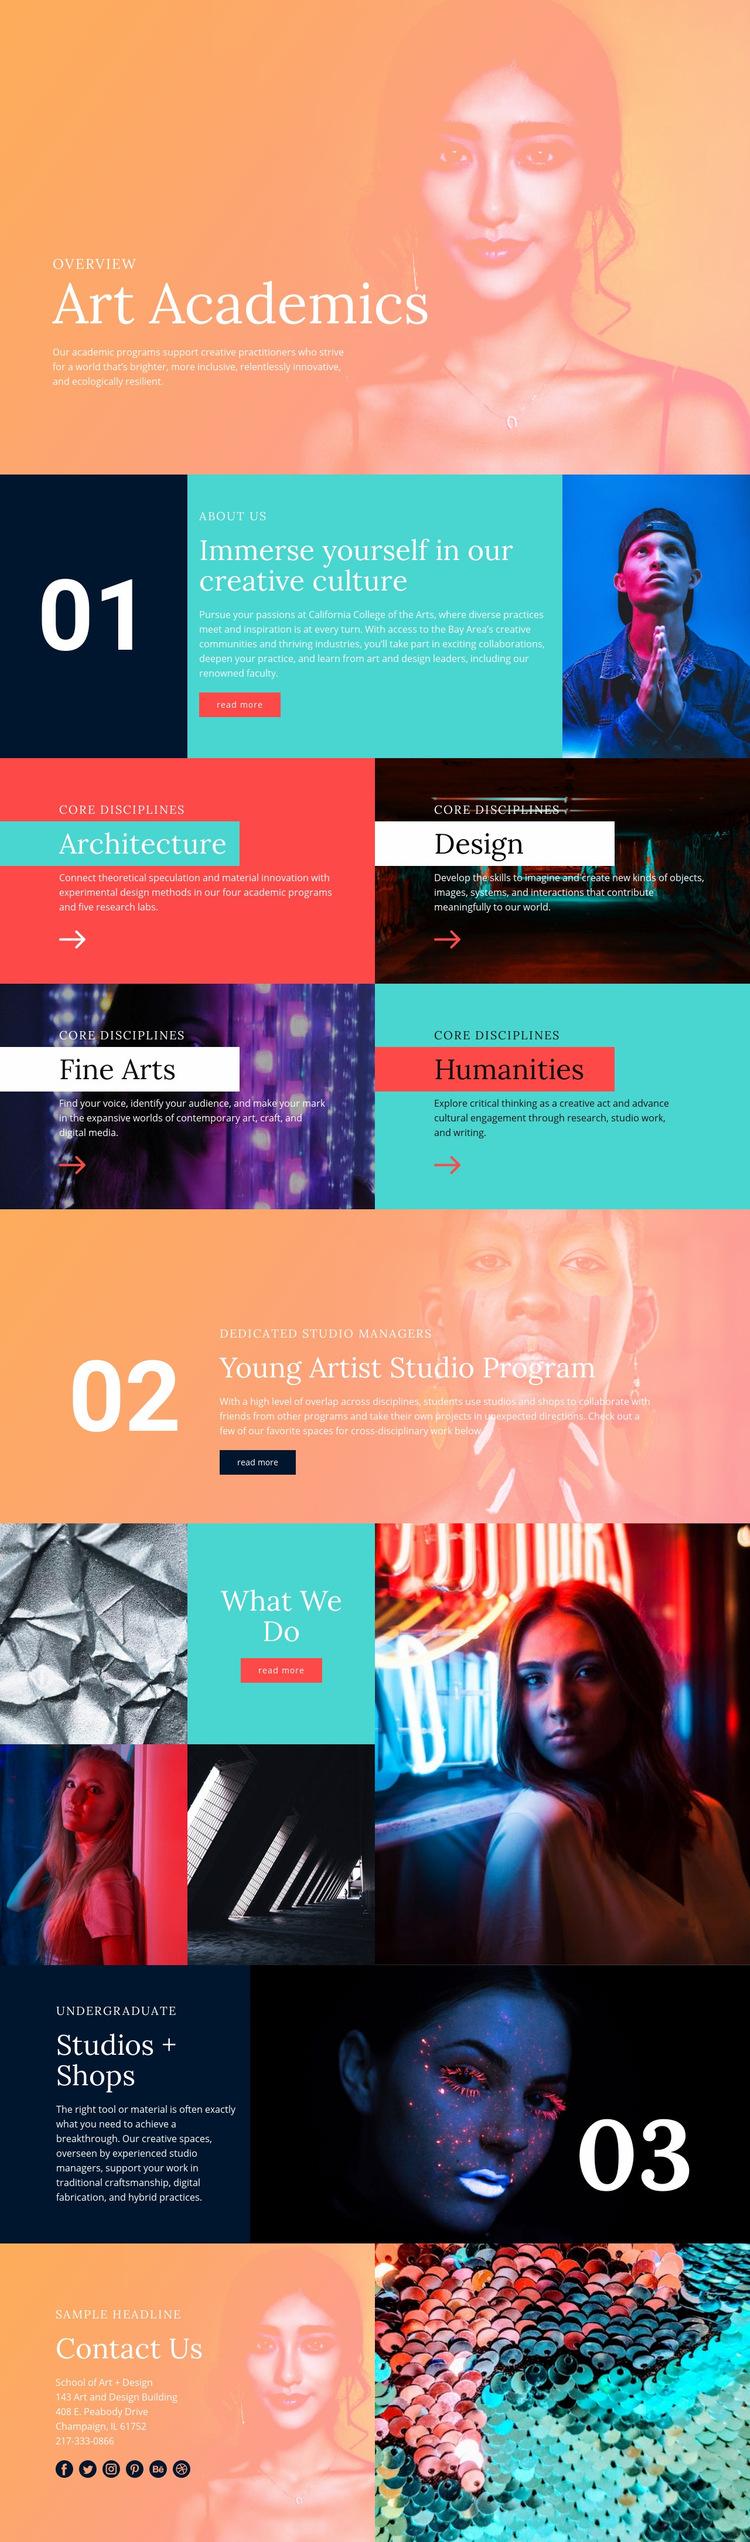 Creative culture in school Web Page Design